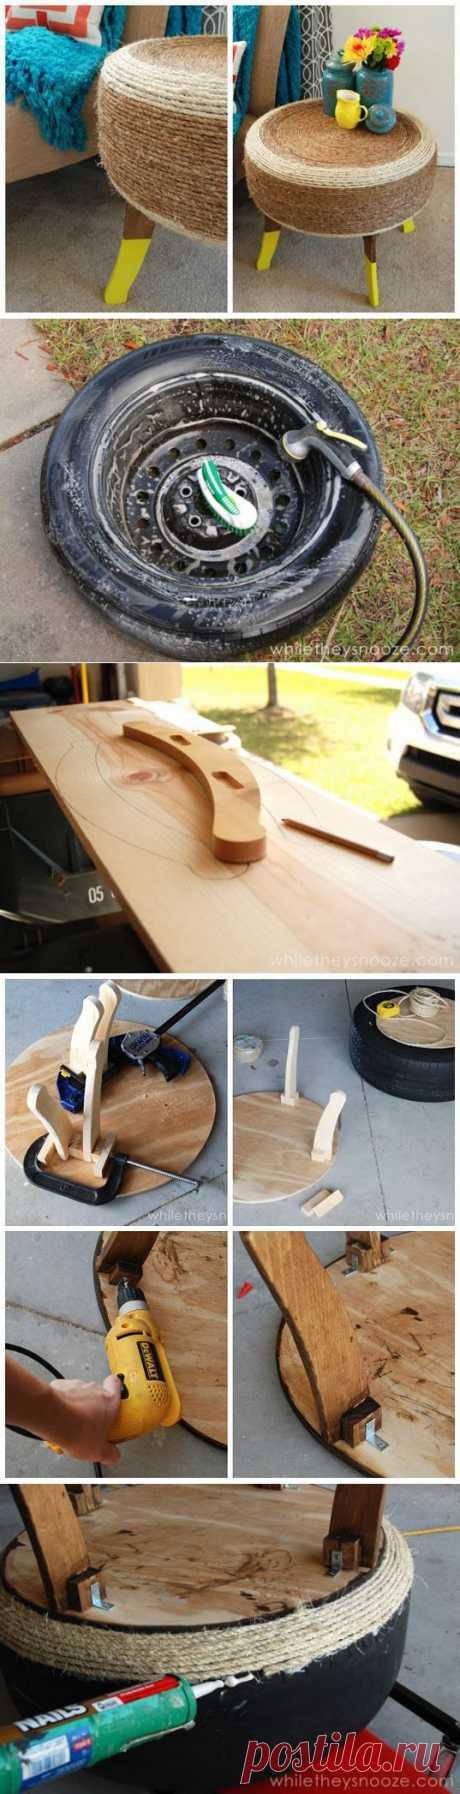 Придиванный столик из автомобильной шины | Ladiesvenue